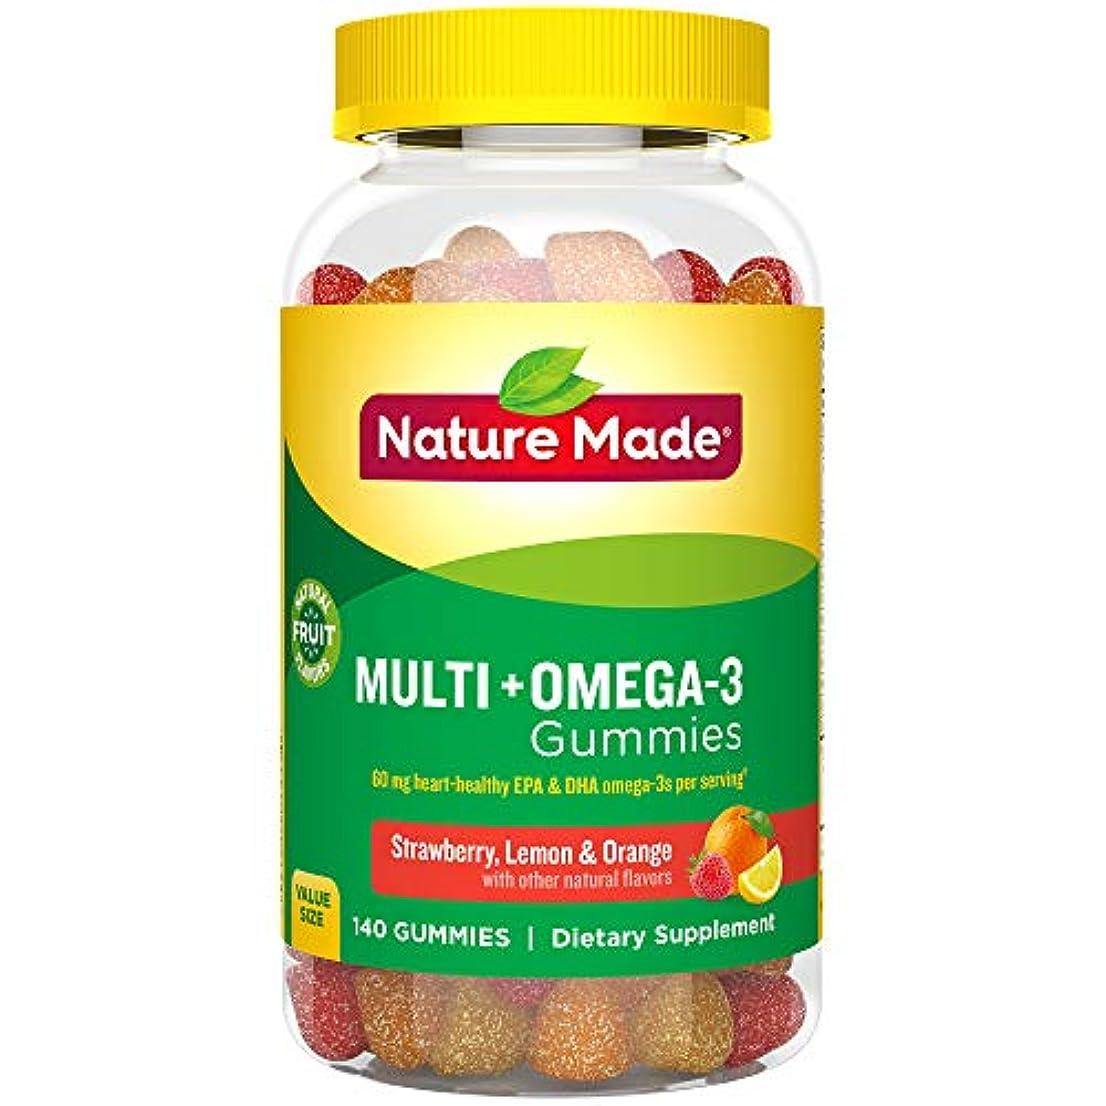 スペース相互接続パリティNature Made Multi + Omega-3 Adult Gummies (60 mg of DHA & EPA per serving),140粒